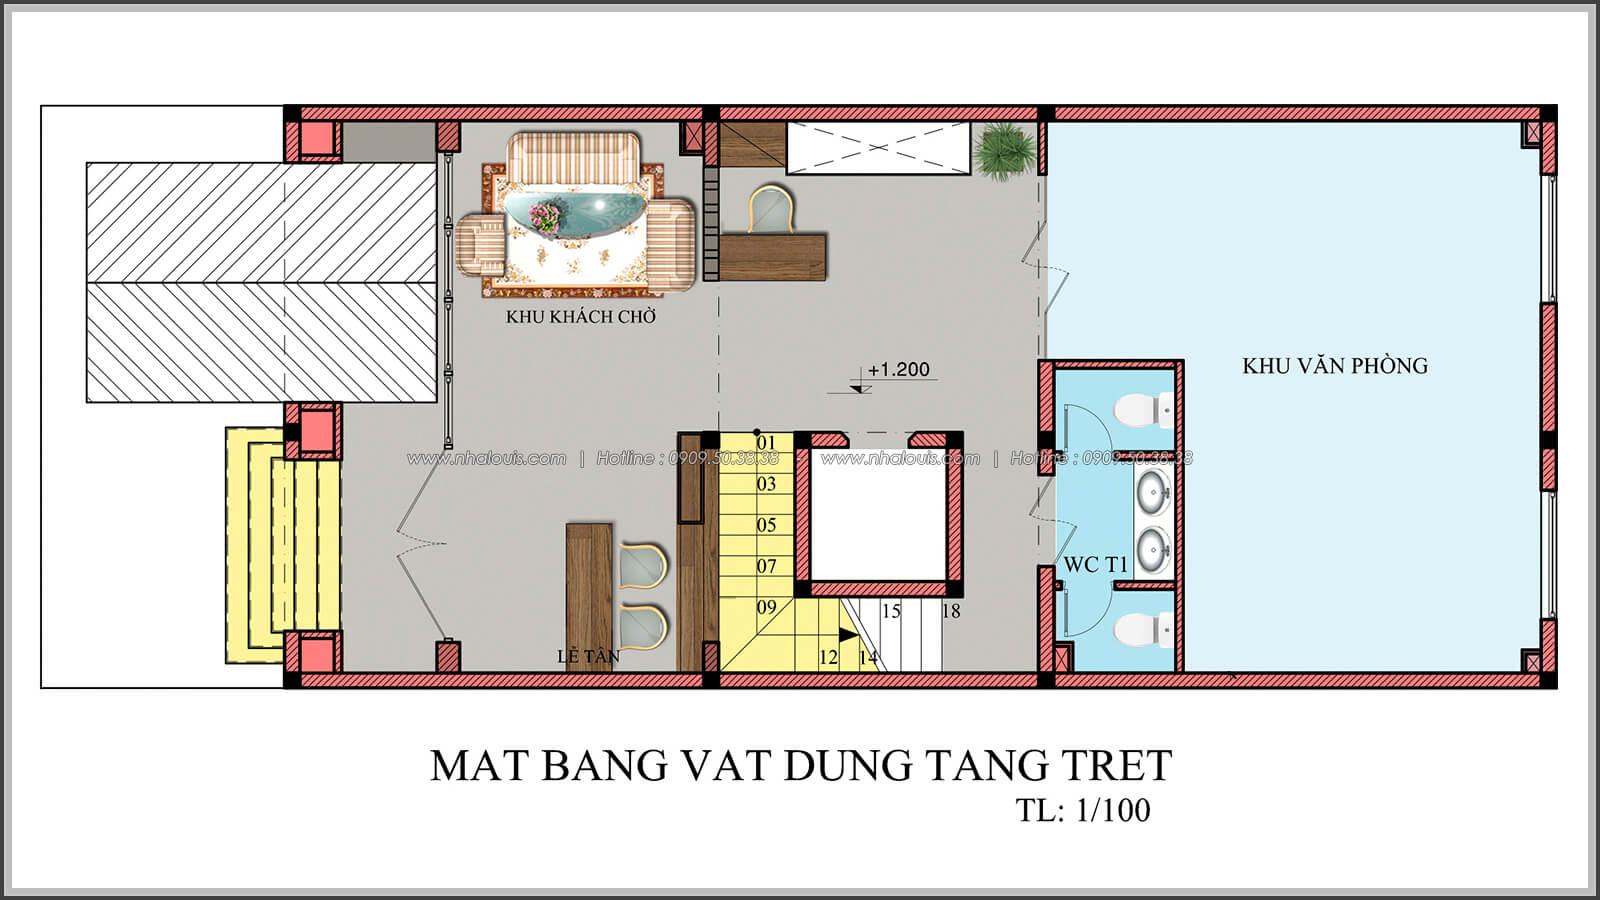 Mặt bằng tầng trệt thiết kế penthouses với nội thất cực chất anh Kim quận Tân Bình - 4